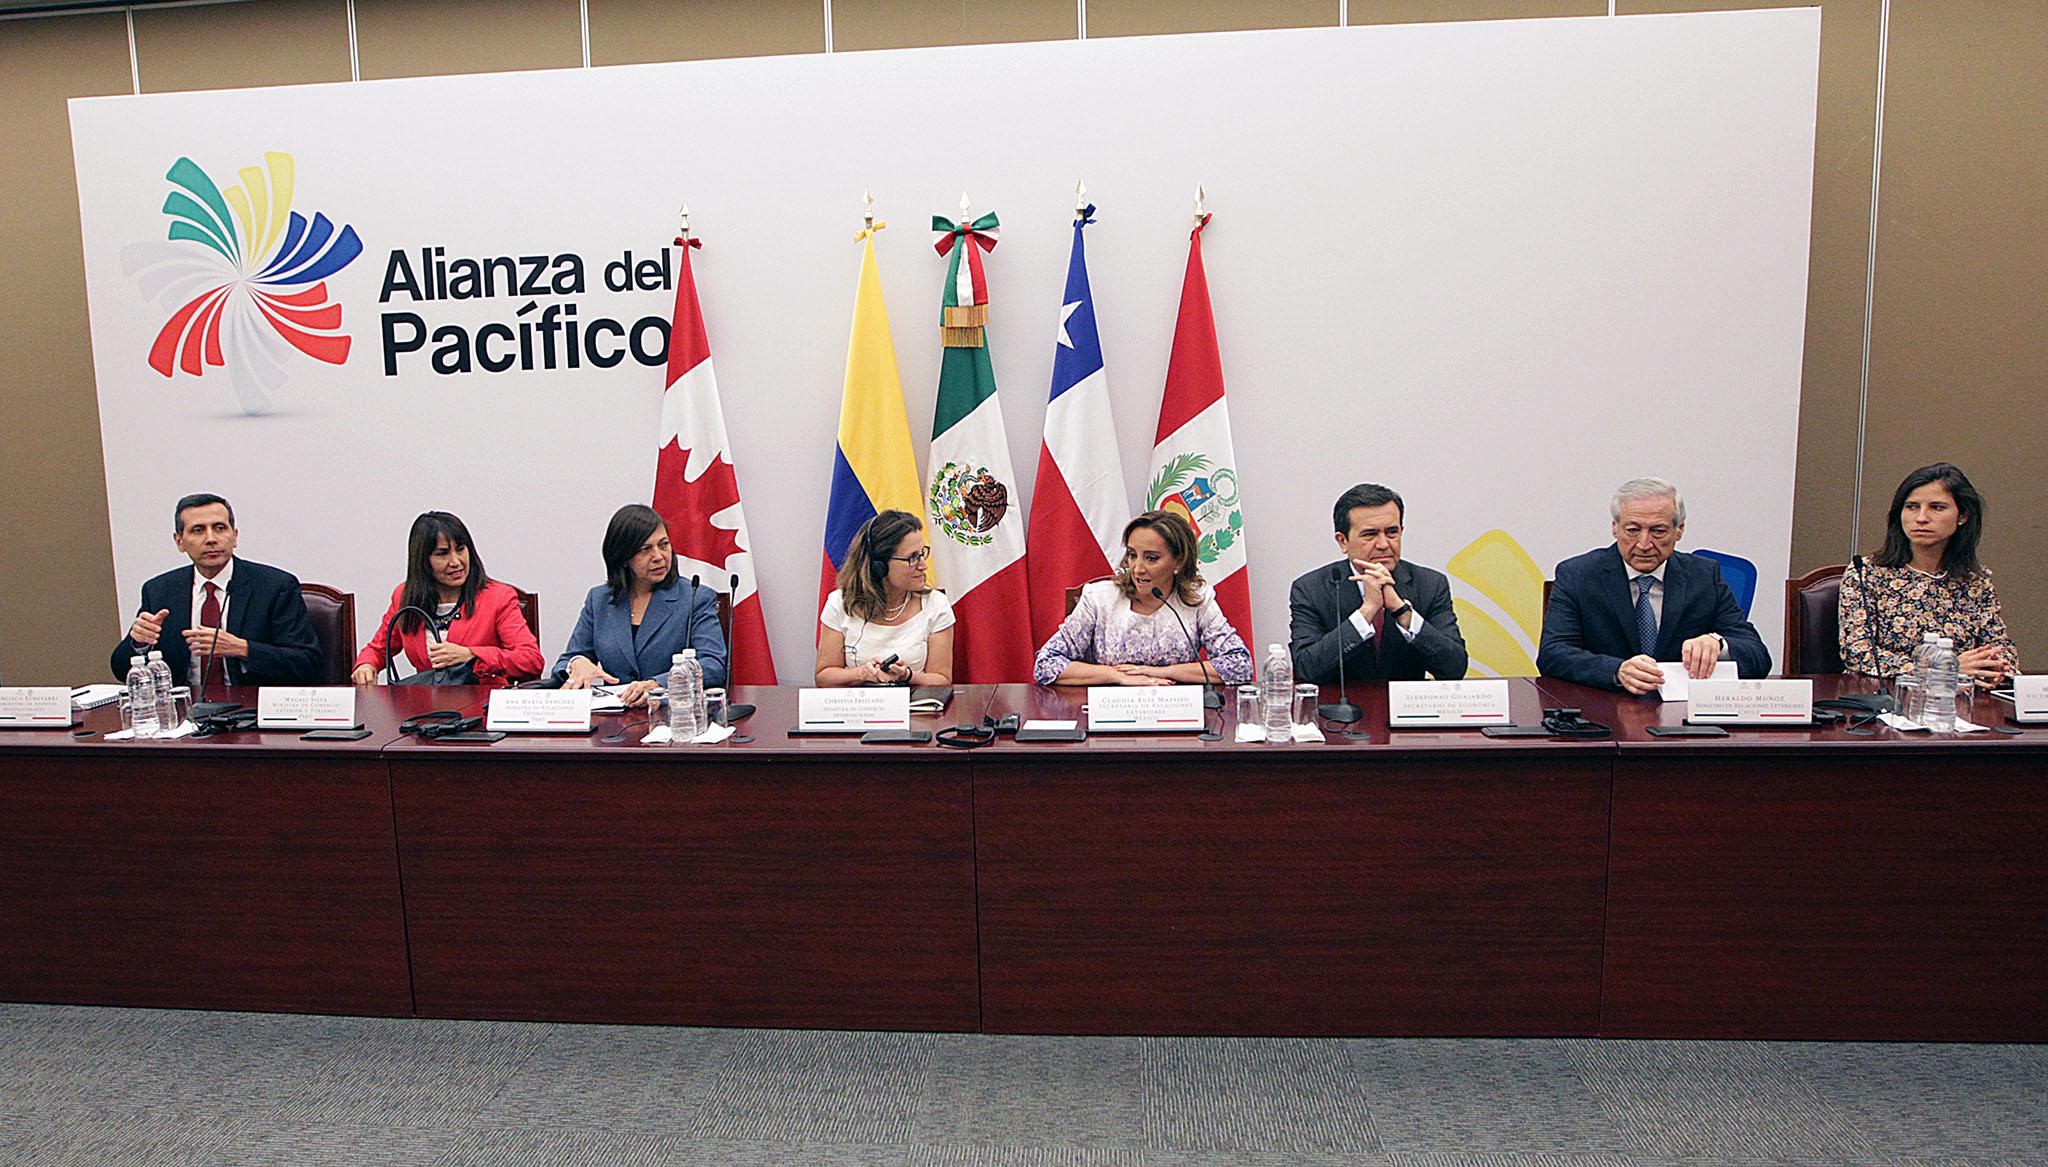 Los titulares de la SRE y de SE participan en la Reunión de Ministros de la Alianza del Pacífico que se realiza en la Cancillería.